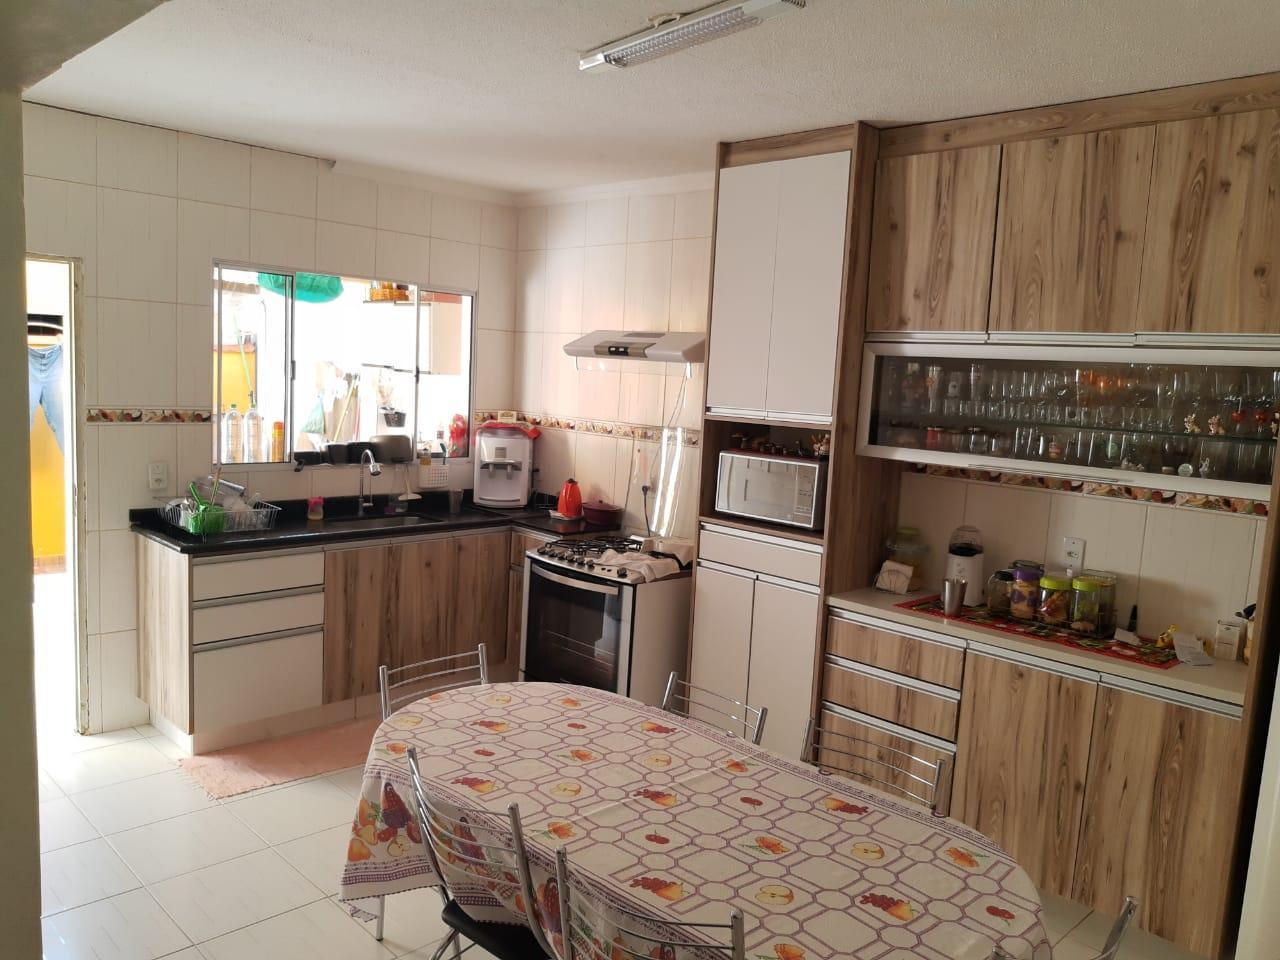 Casas com 2 dormitórios cada à venda, 148 m² por R$ 330.000